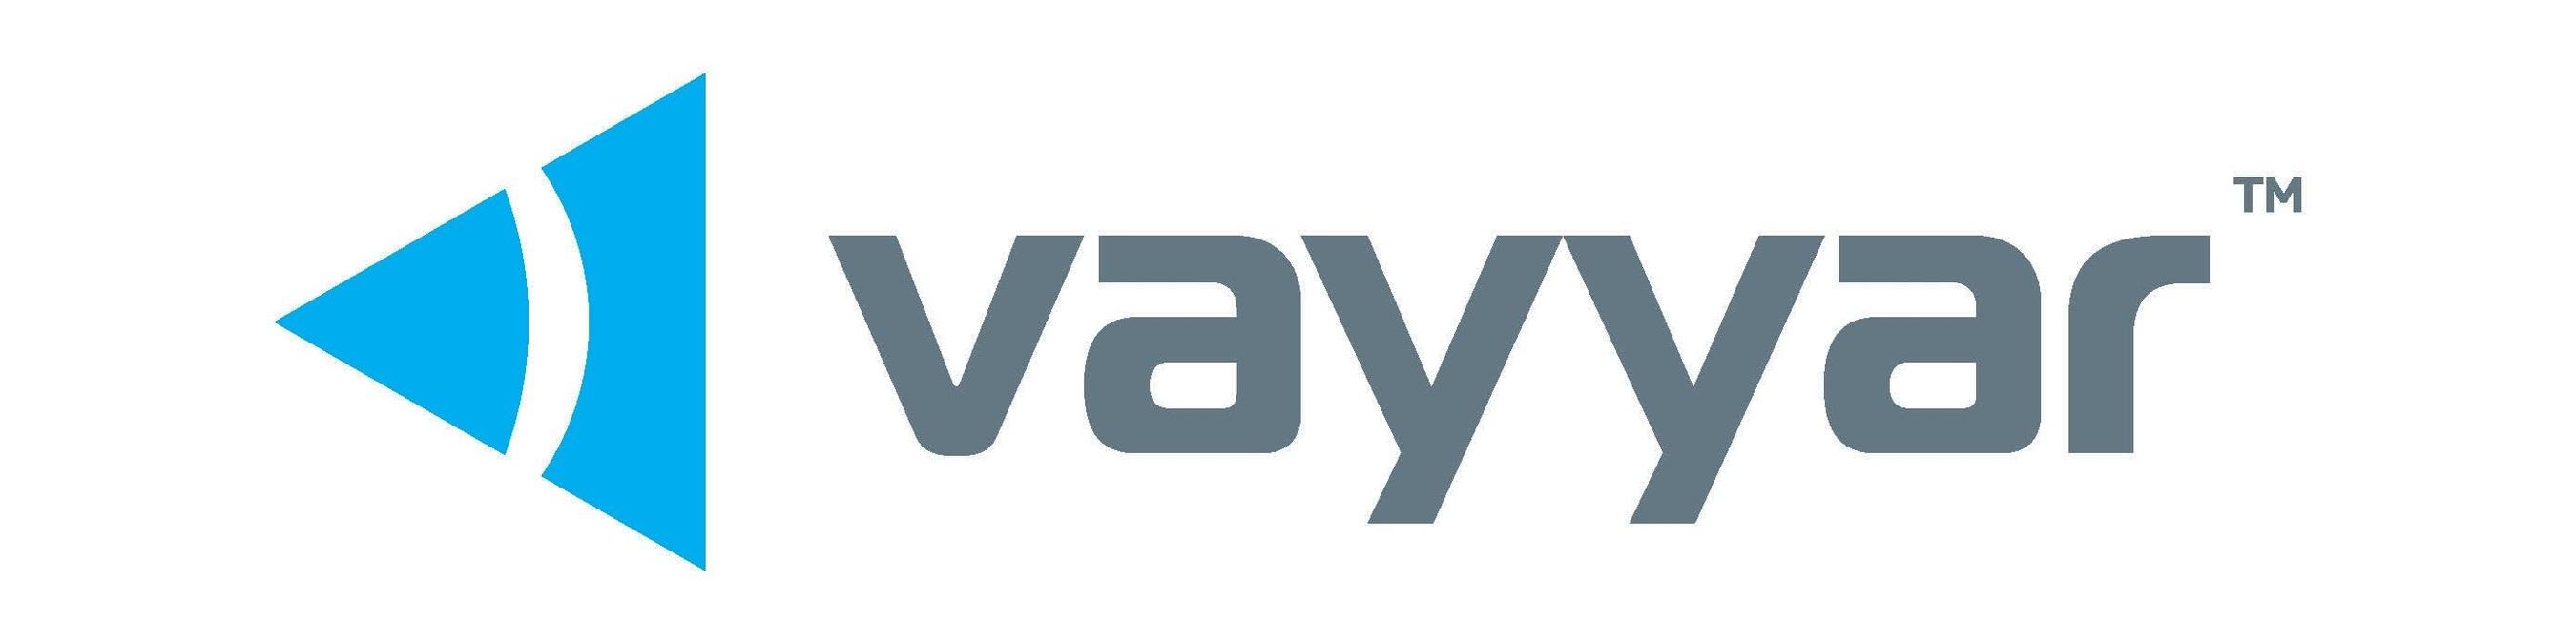 Lanzamiento europeo de la herramienta WalabotDIY de Vayyar Imaging ...